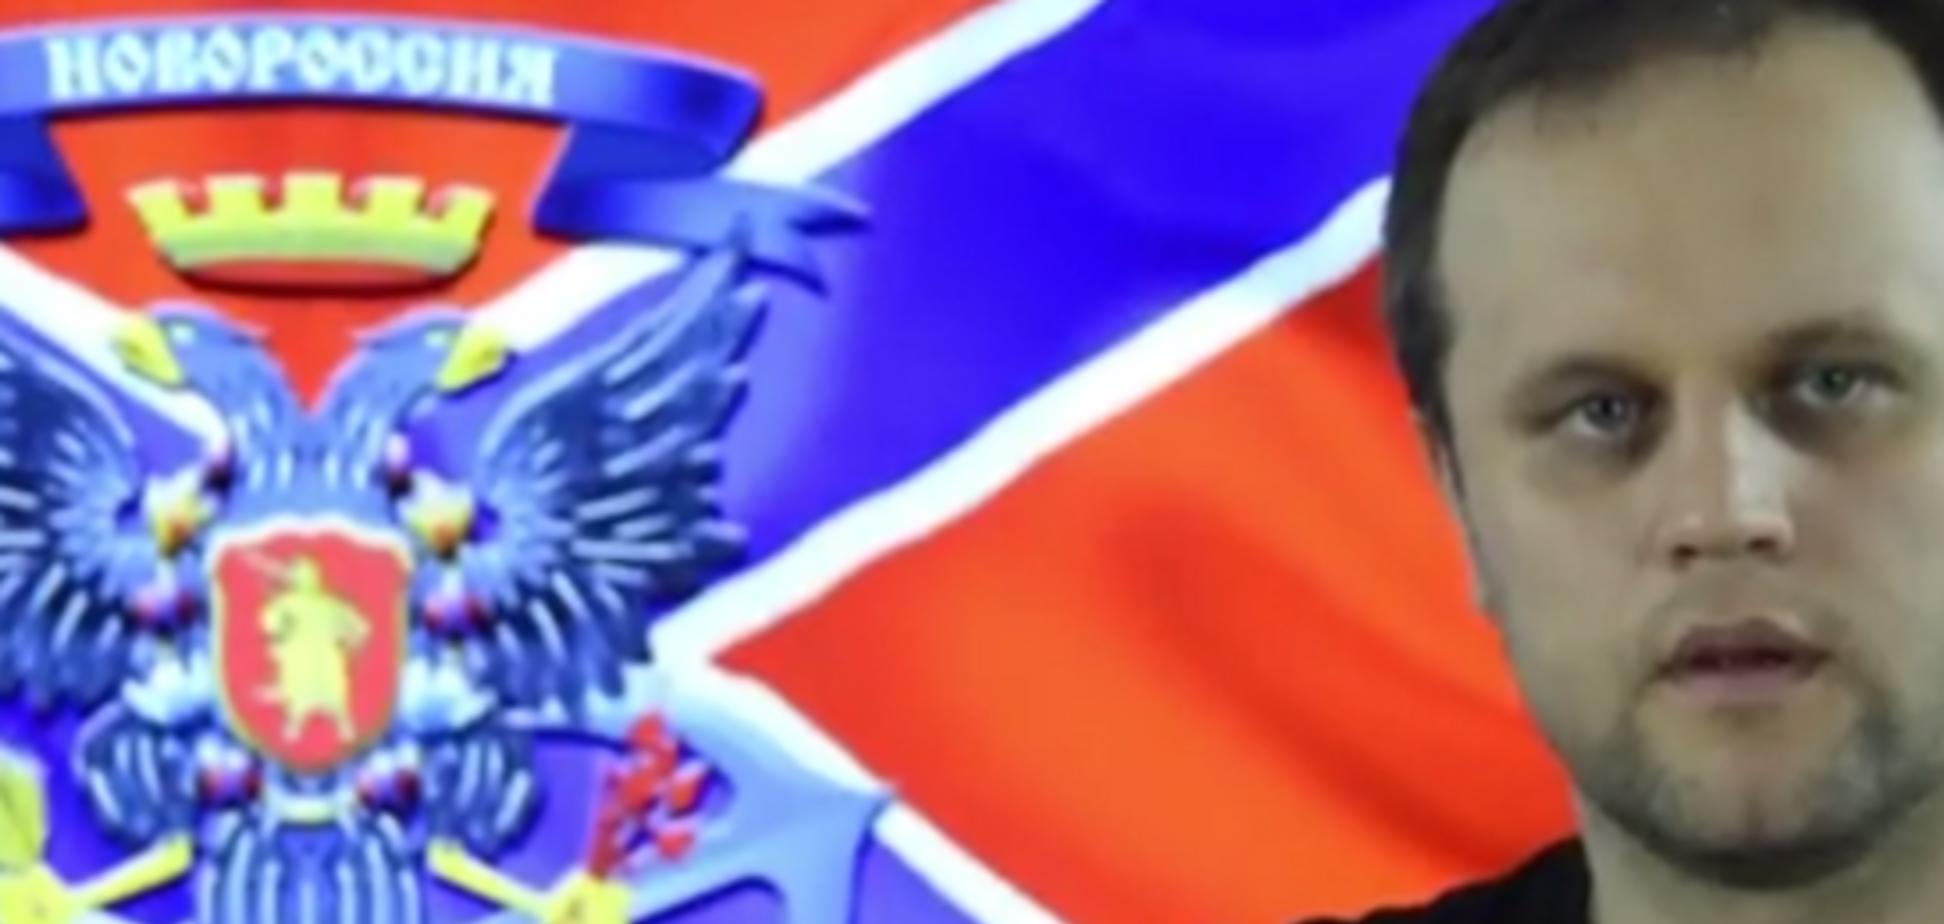 Губарєв заговорив мовою ненависної йому 'Гейропи'